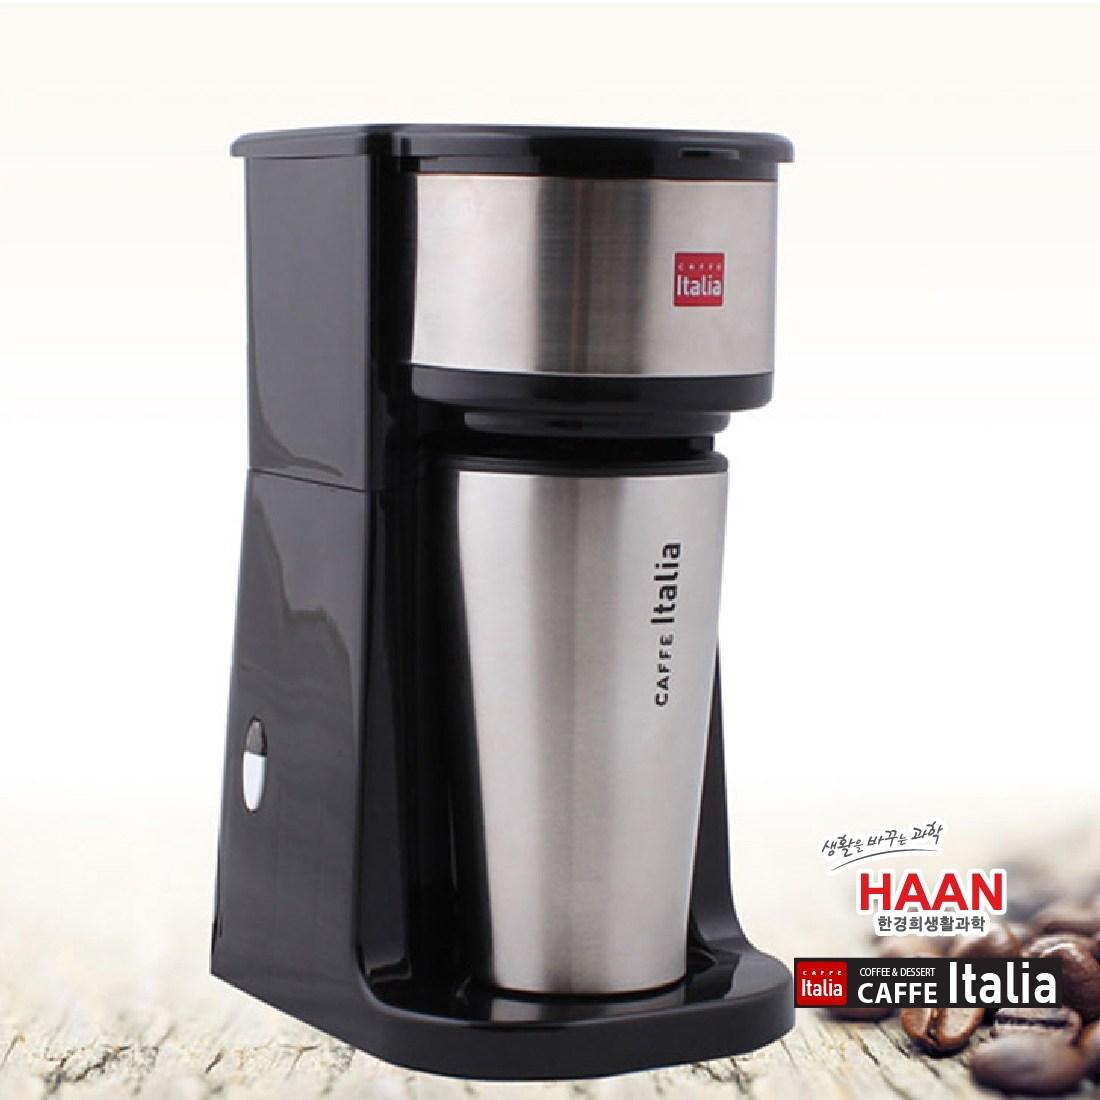 카페이탈리아 크리스티 커피메이커DM-1000, DM-1000